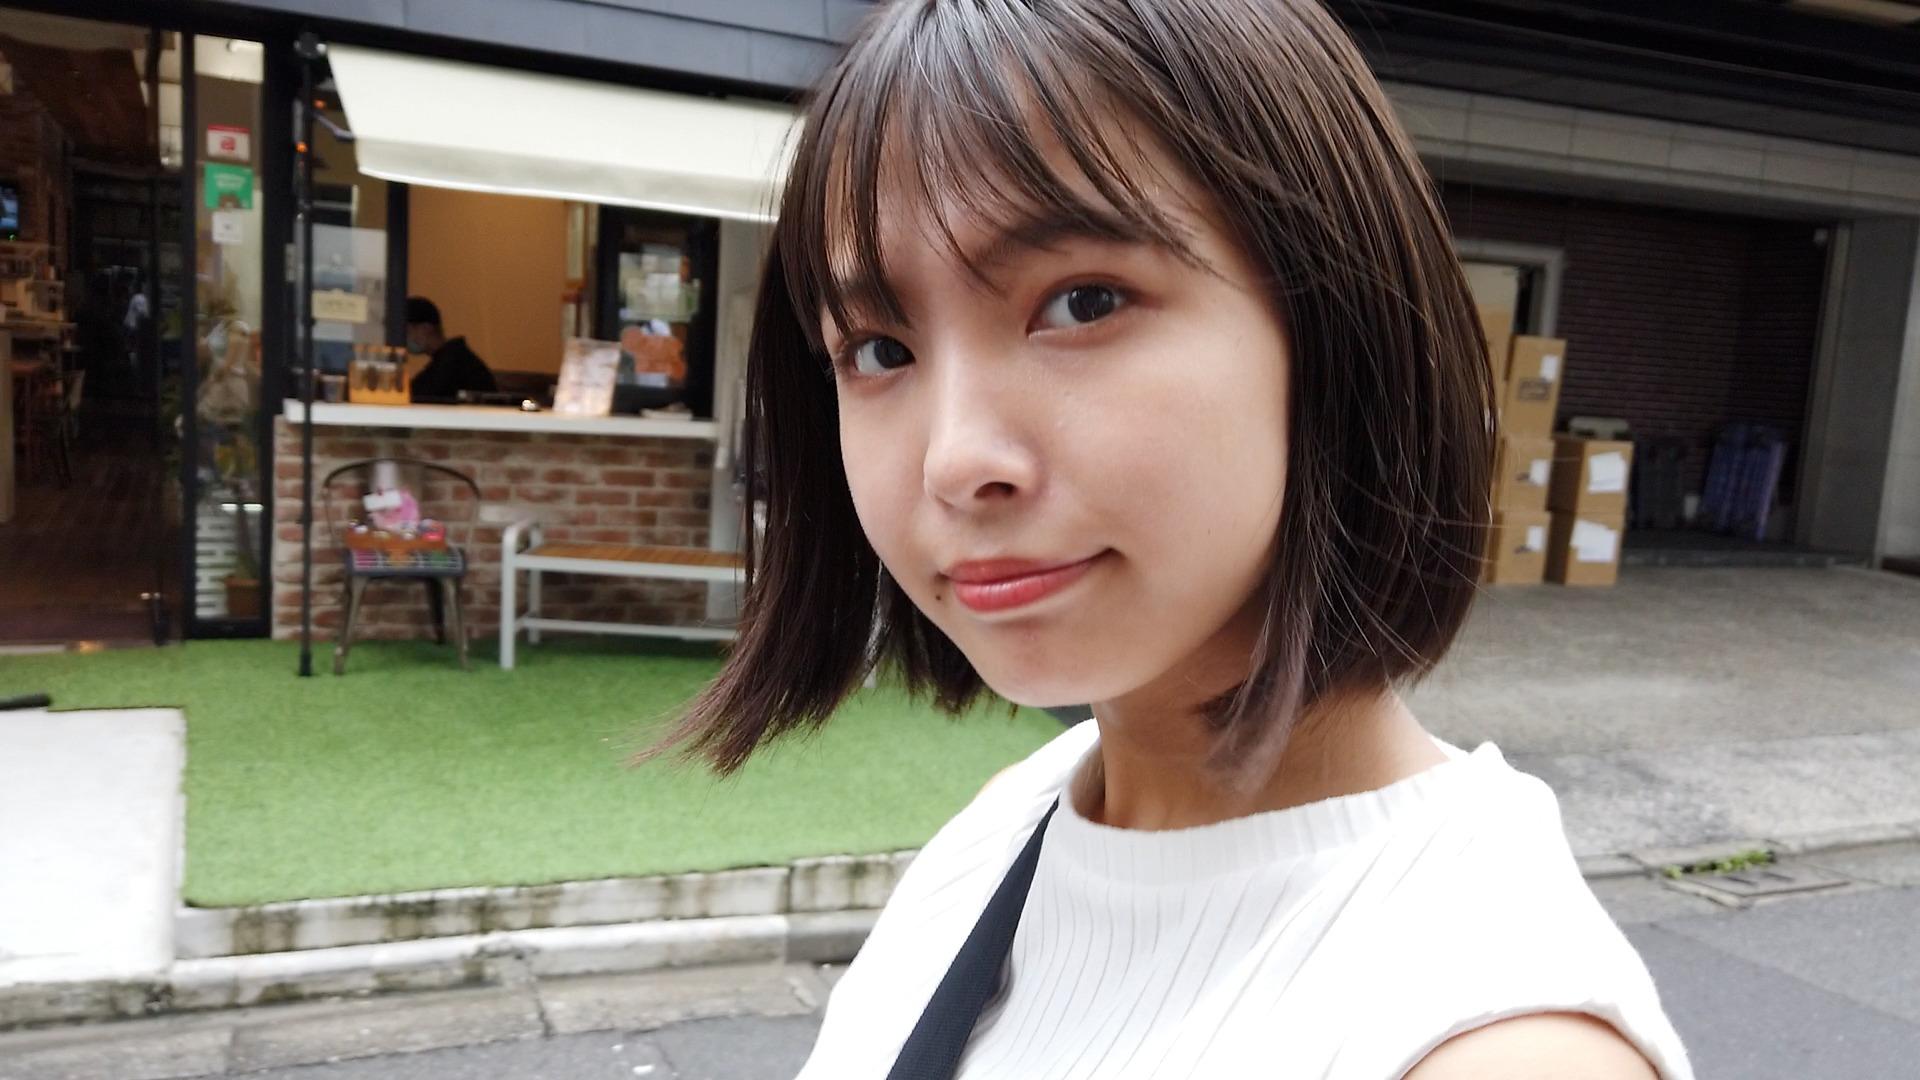 寺本莉緒YouTubeチャンネル「りおのこと。」